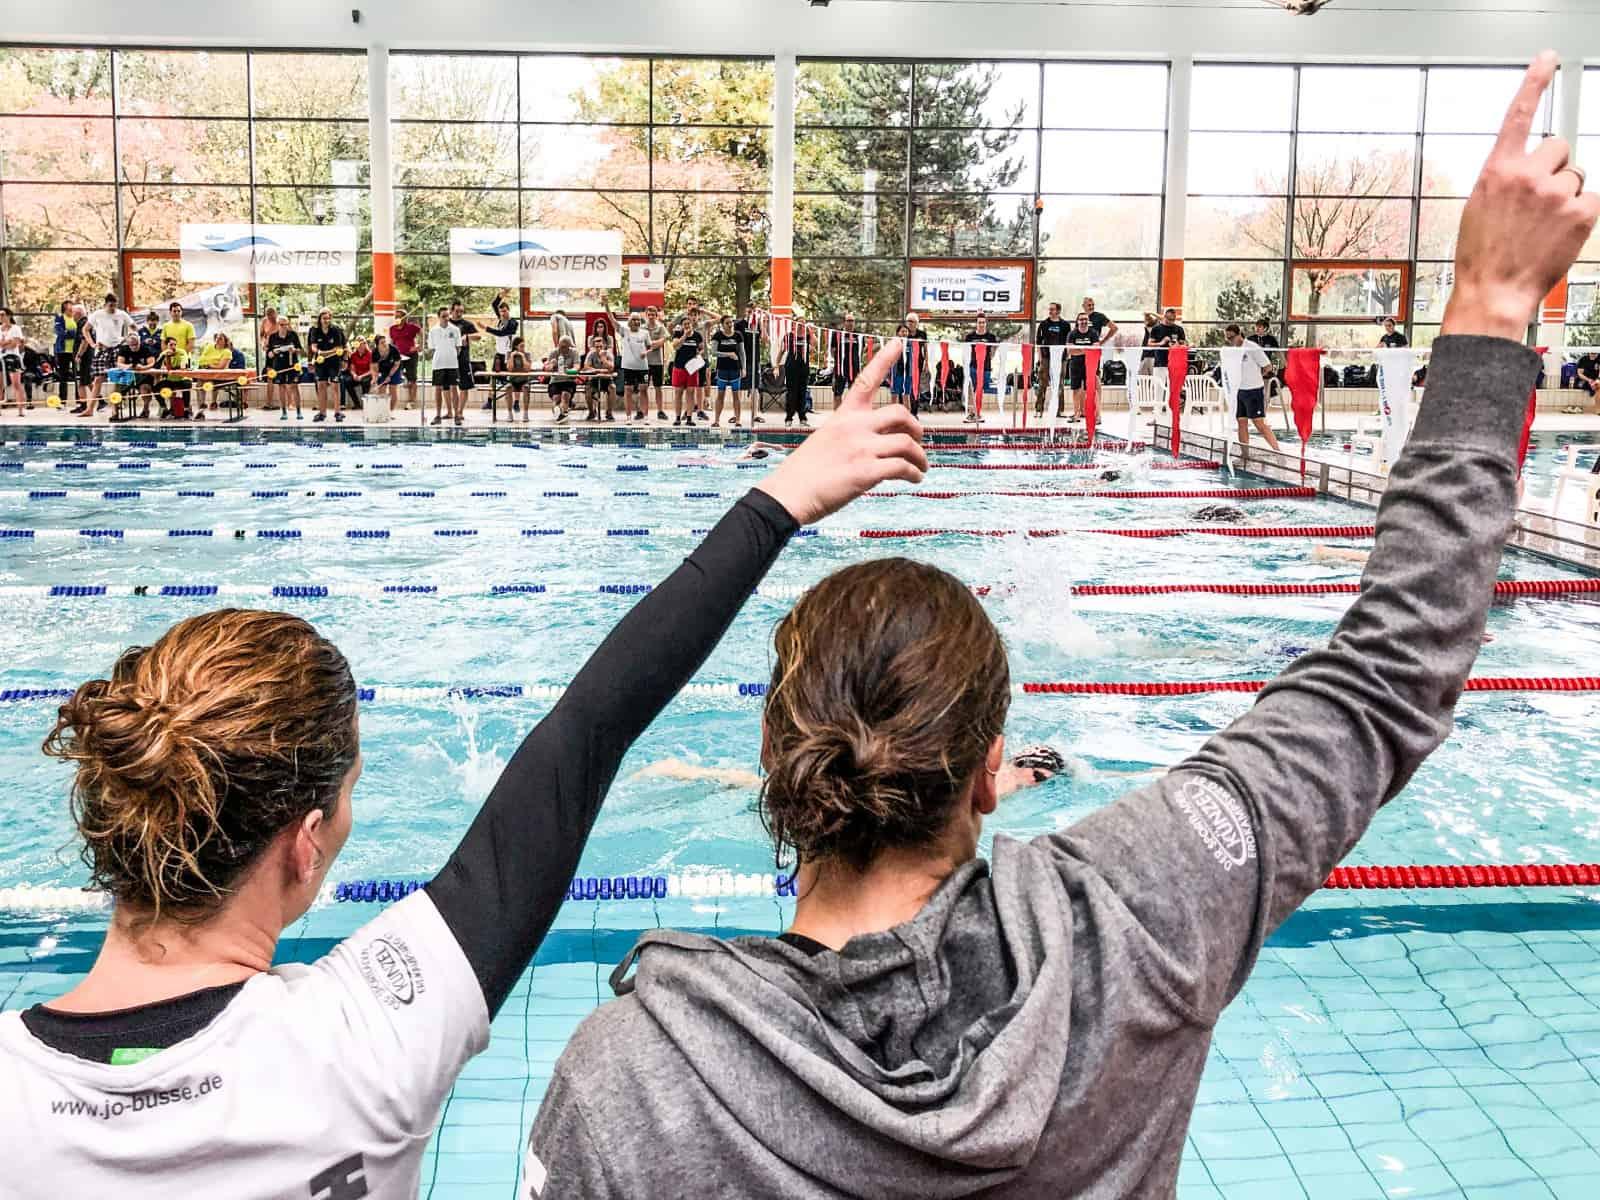 Da geht es lang: Zwei Athletinnen vom Hamburger Schwimm-Club feuern einen Teamkollegen an.